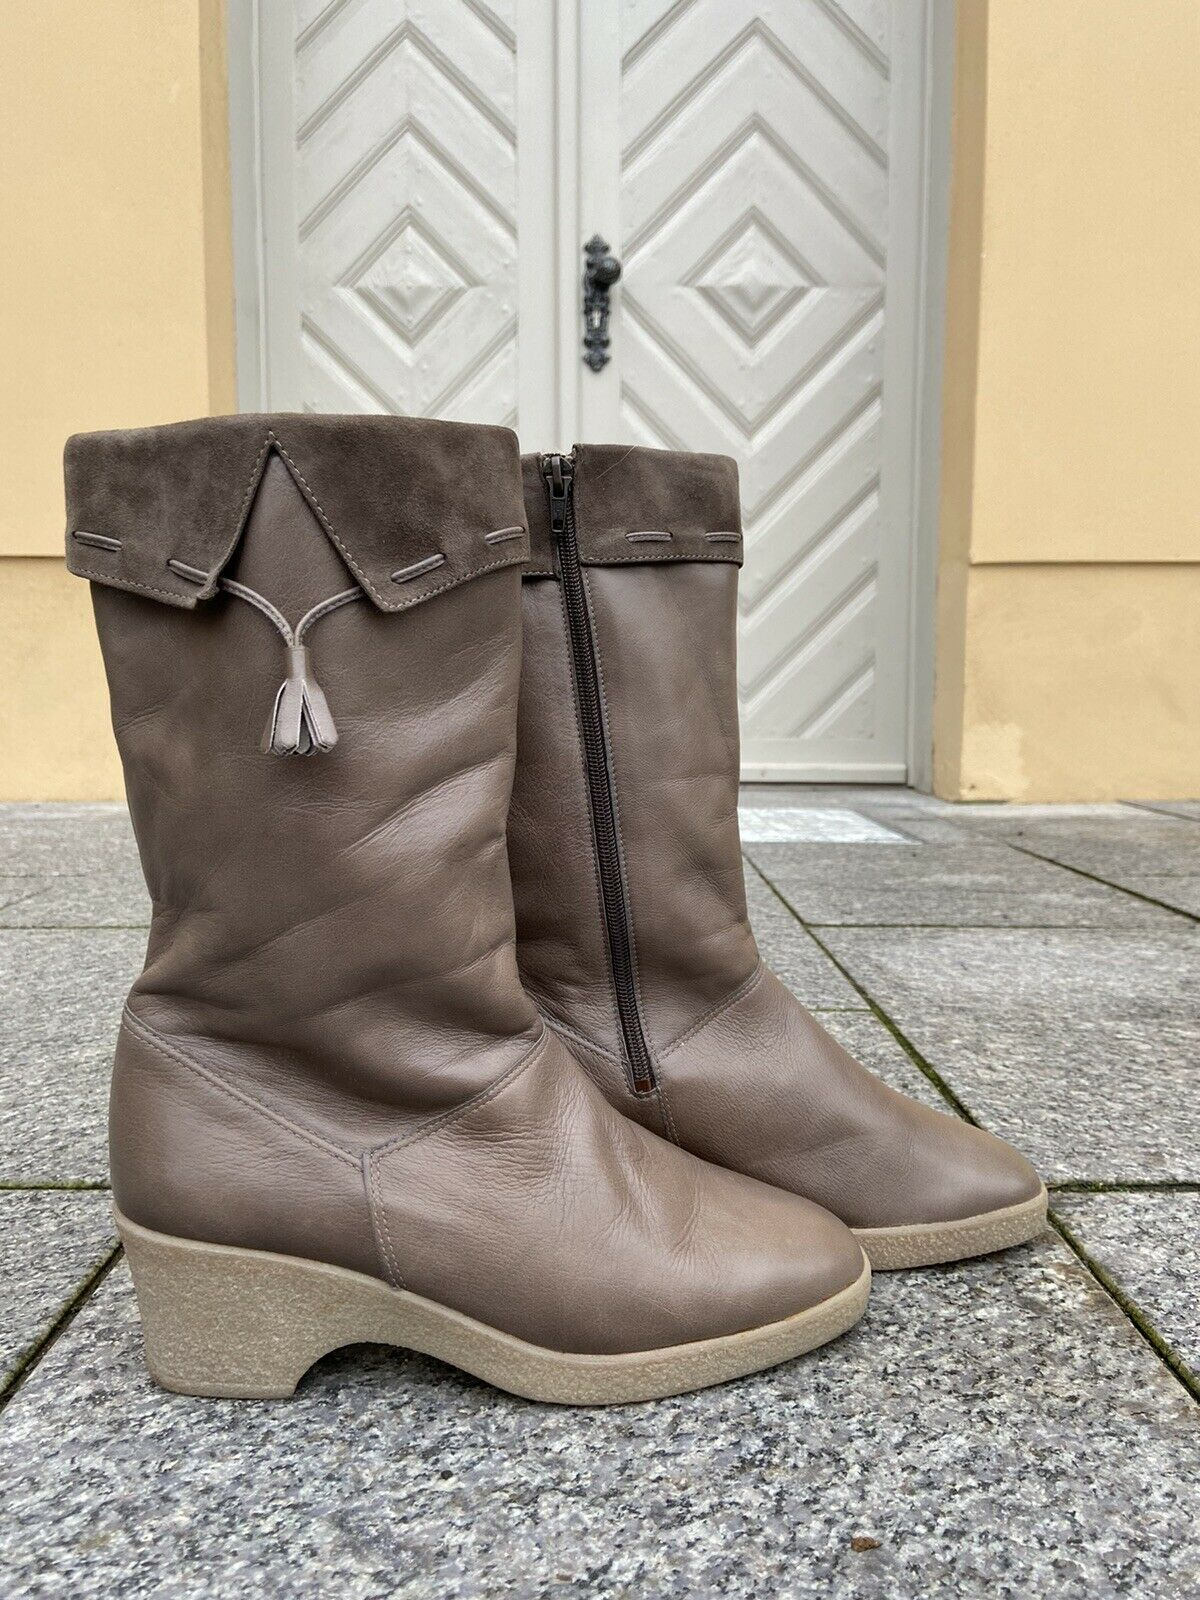 ARA Bottes D'Hiver Cuir ton de gris clair doublure 80er TRUE VINTAGE 80 s boots wedge